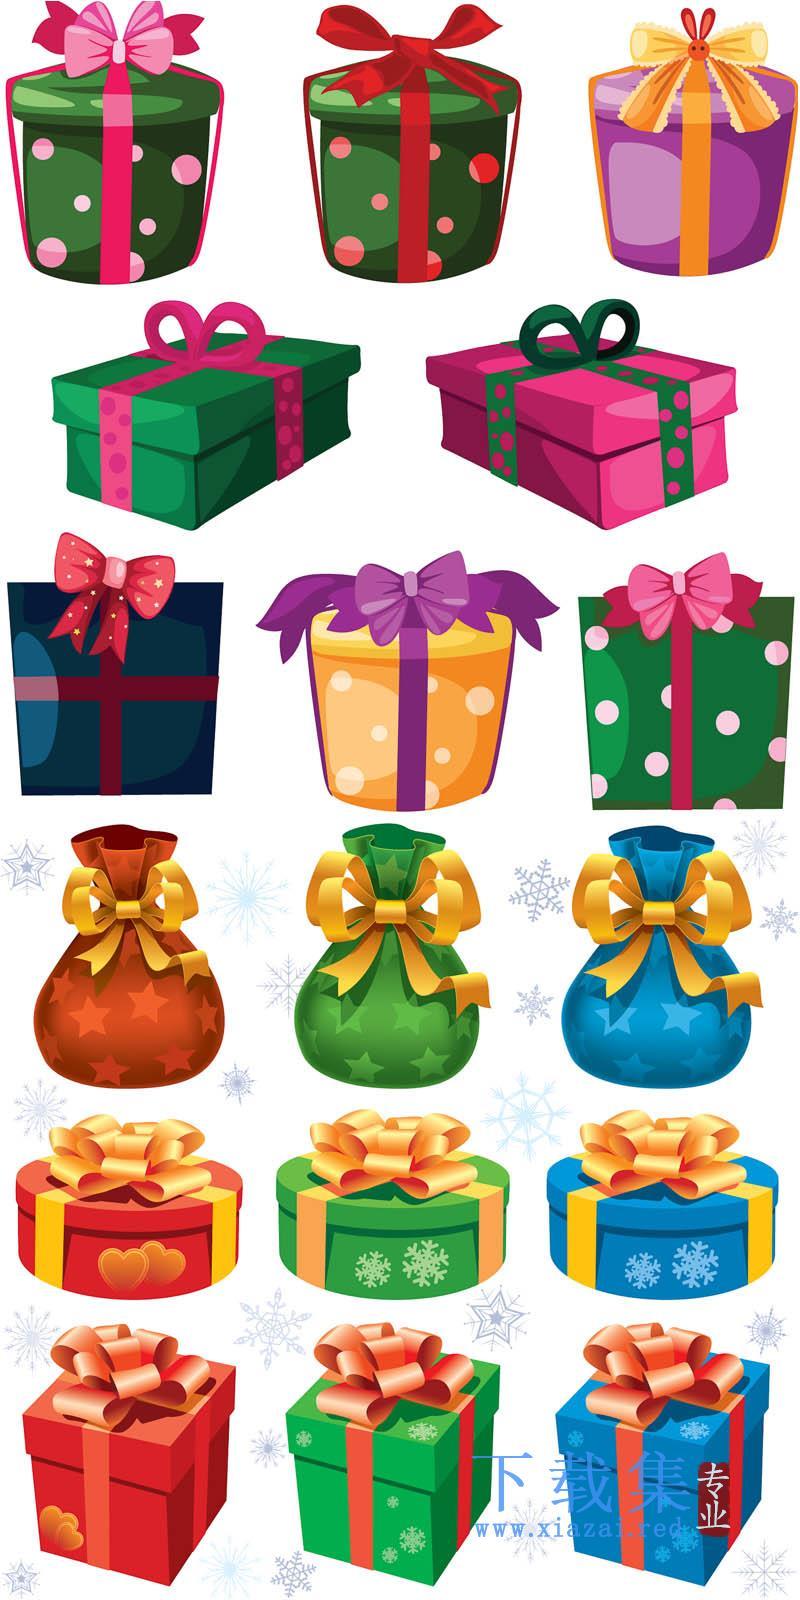 漂亮的圣诞礼物盒AI矢量素材